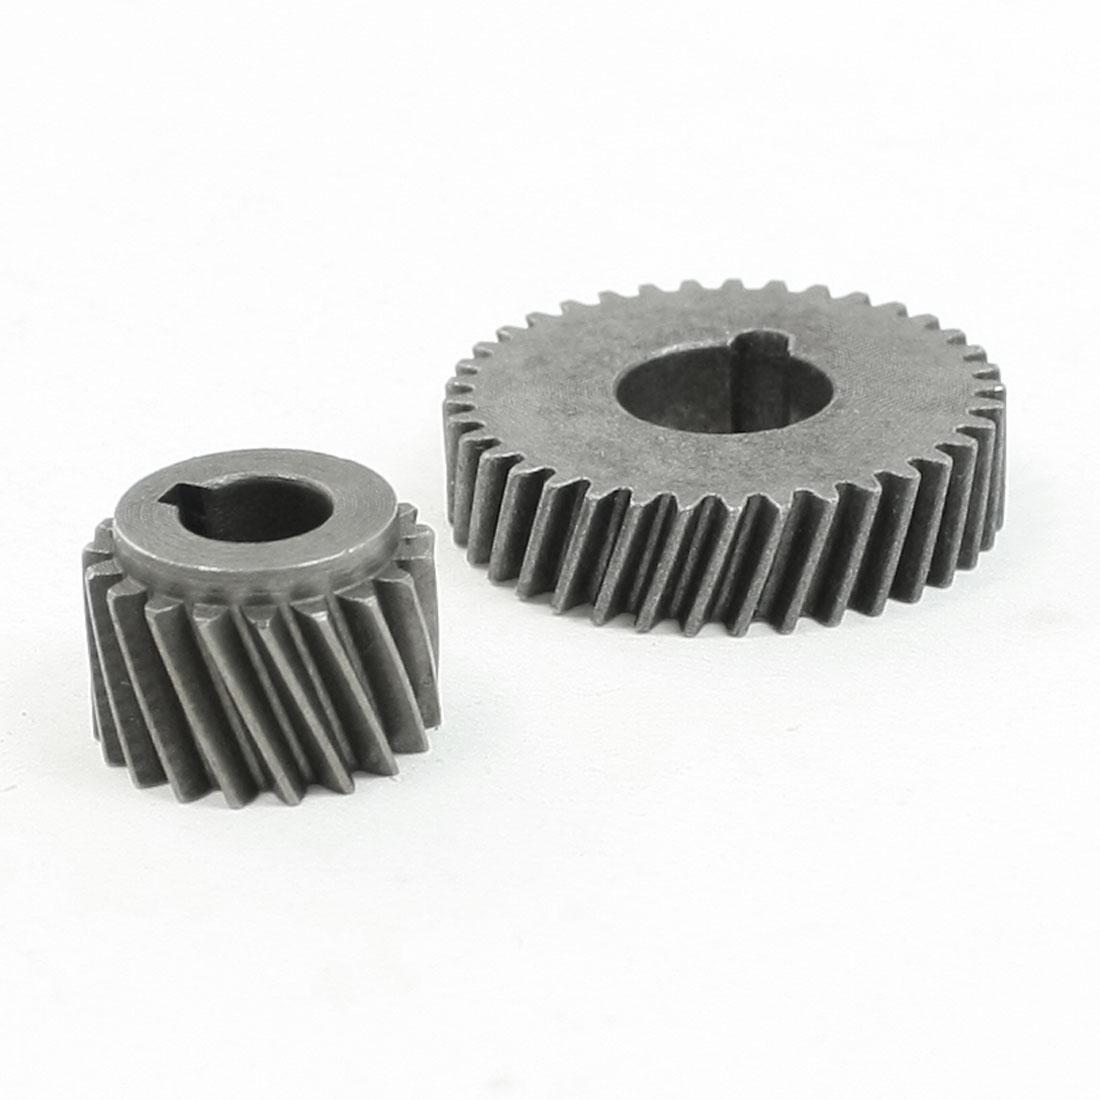 Repair Part Spiral Bevel Gear Pinion Set for CM-4SA1 Cutting Machine